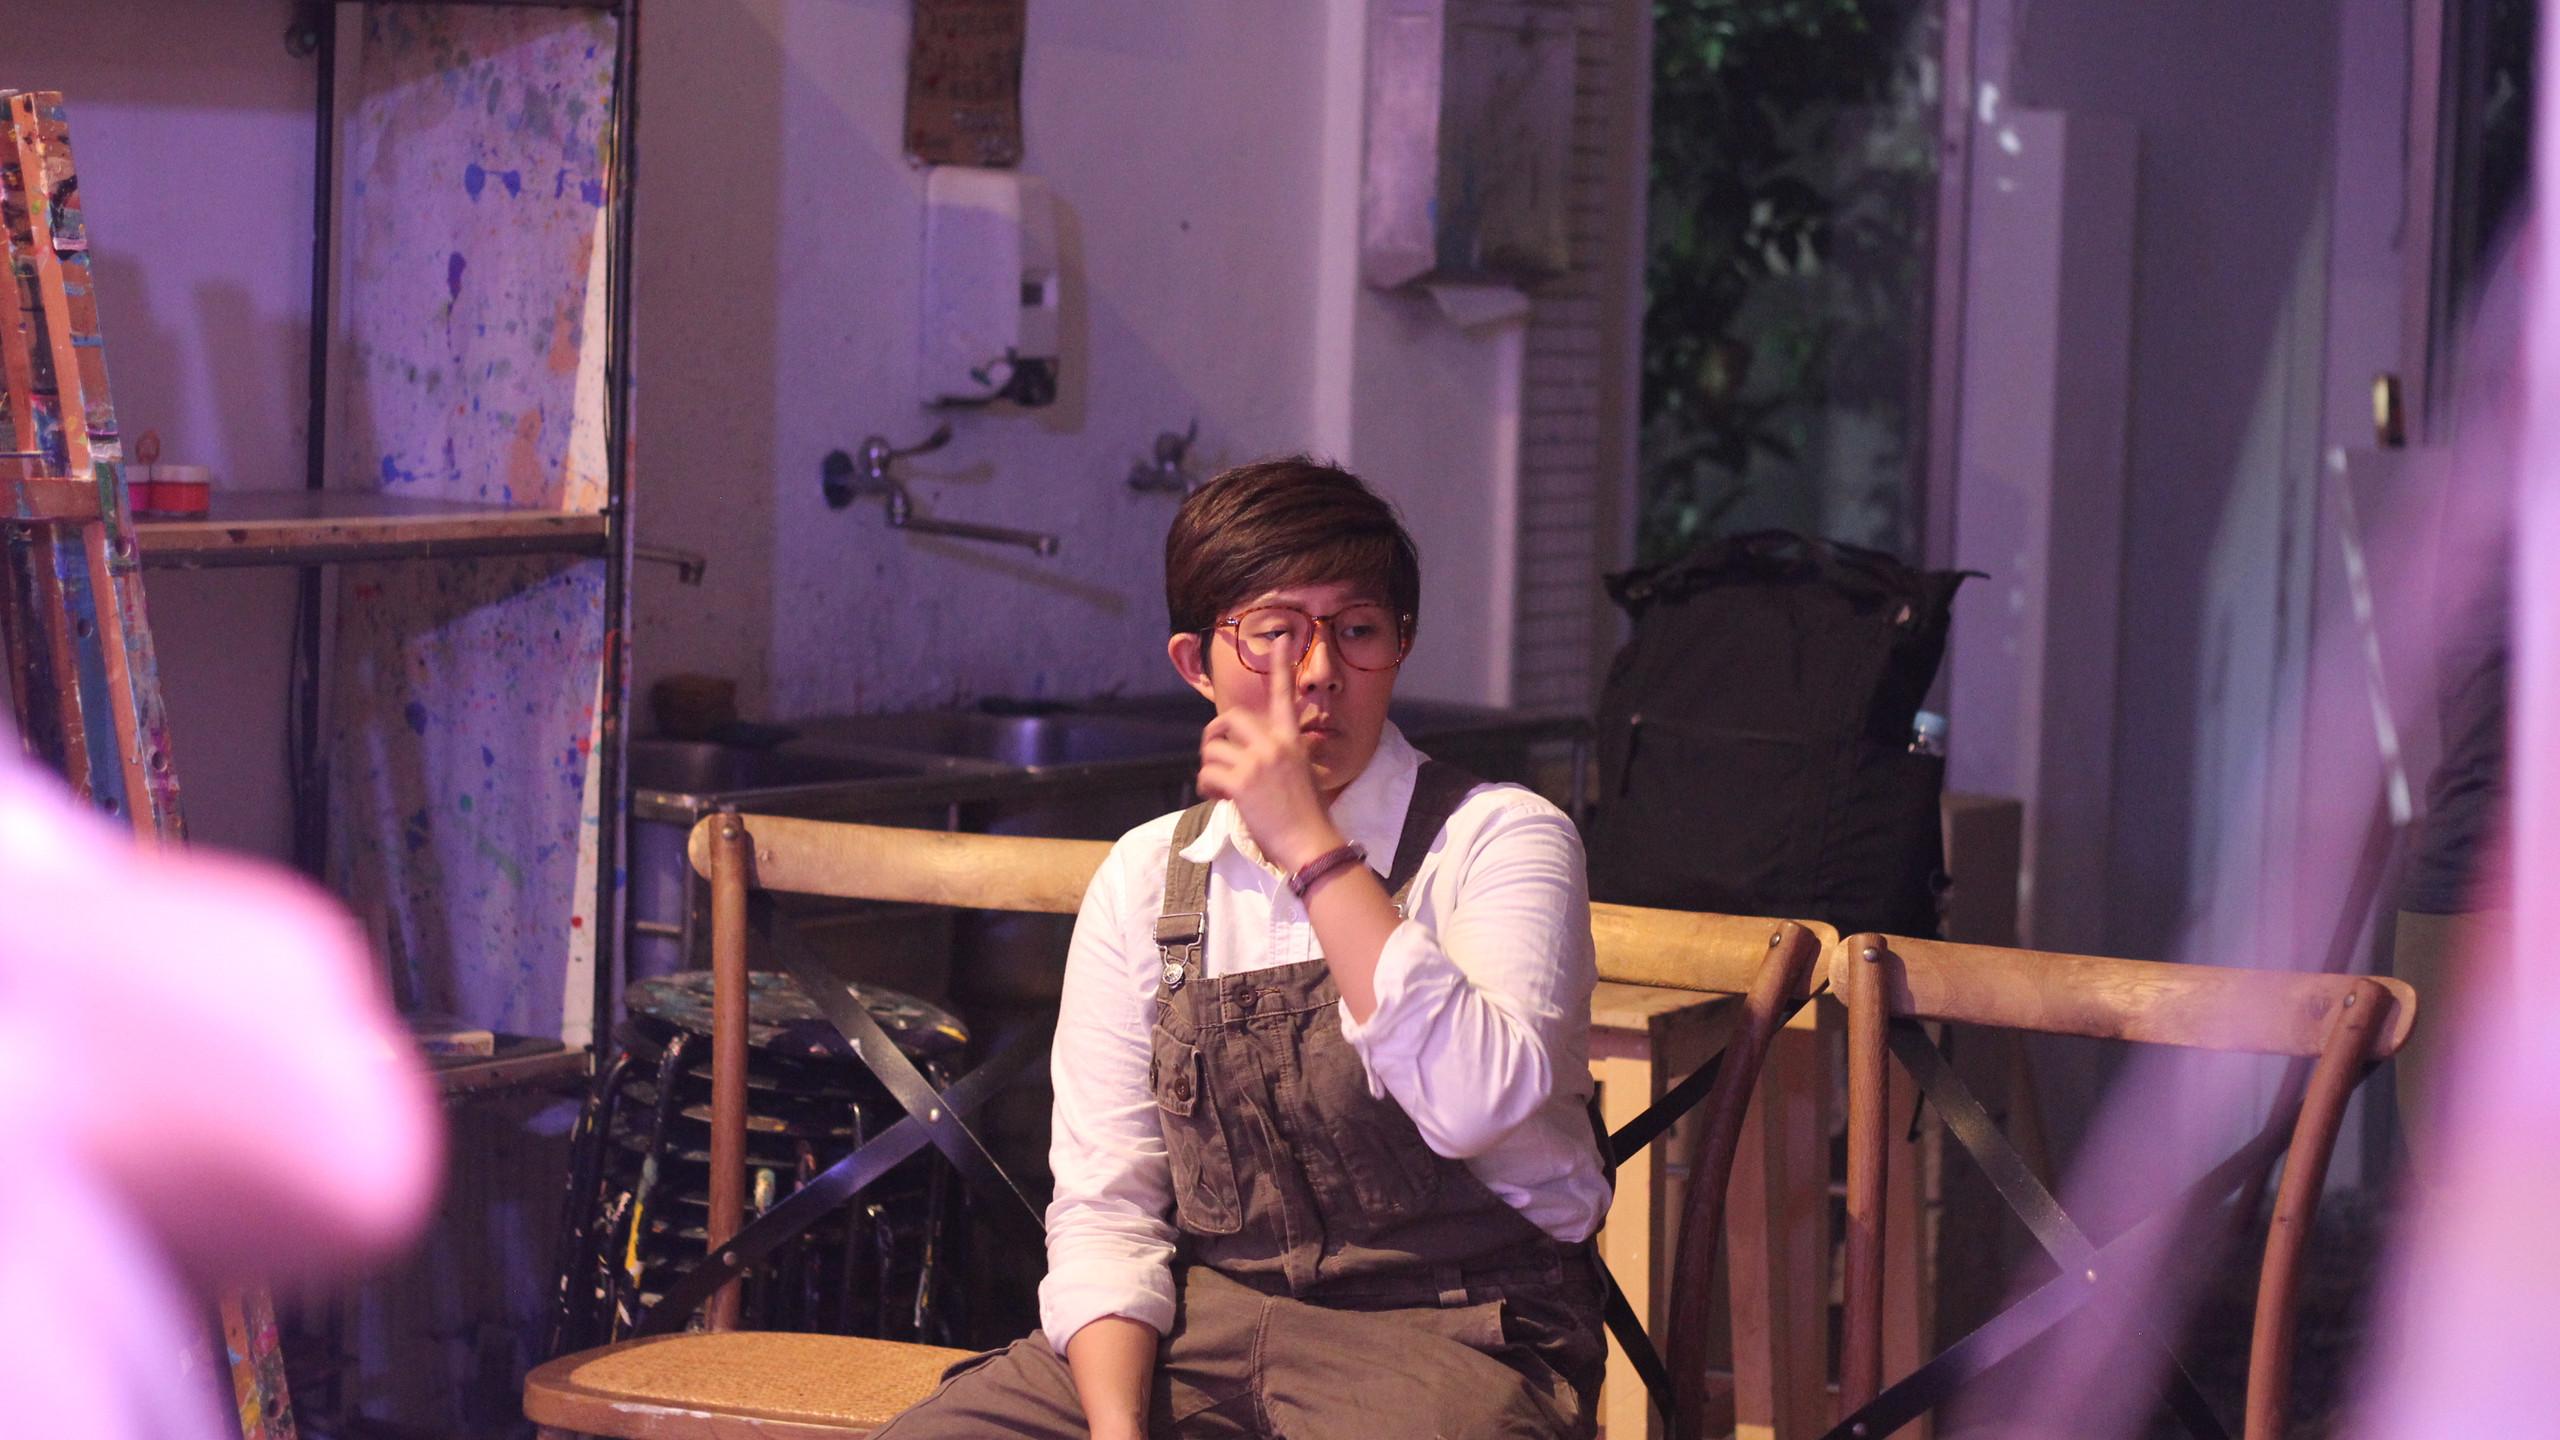 演出後獨自坐在座位上的帥氣油漆工:EE